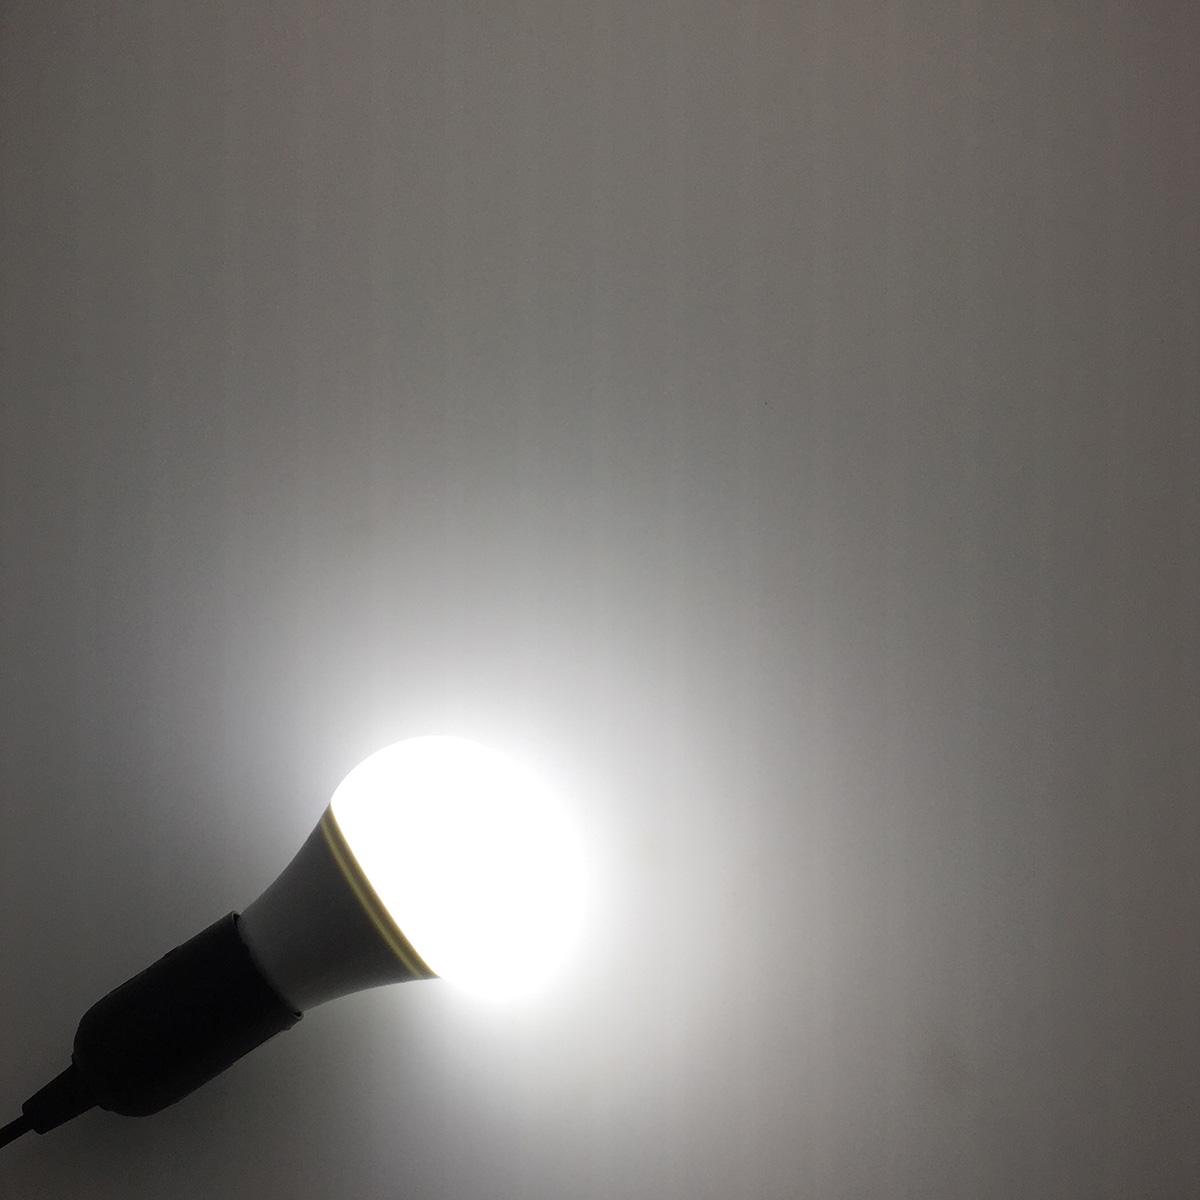 Светодиодная лампа Е27 с датчиком света /освещенности Espada E27-14-L-7W 100-265V